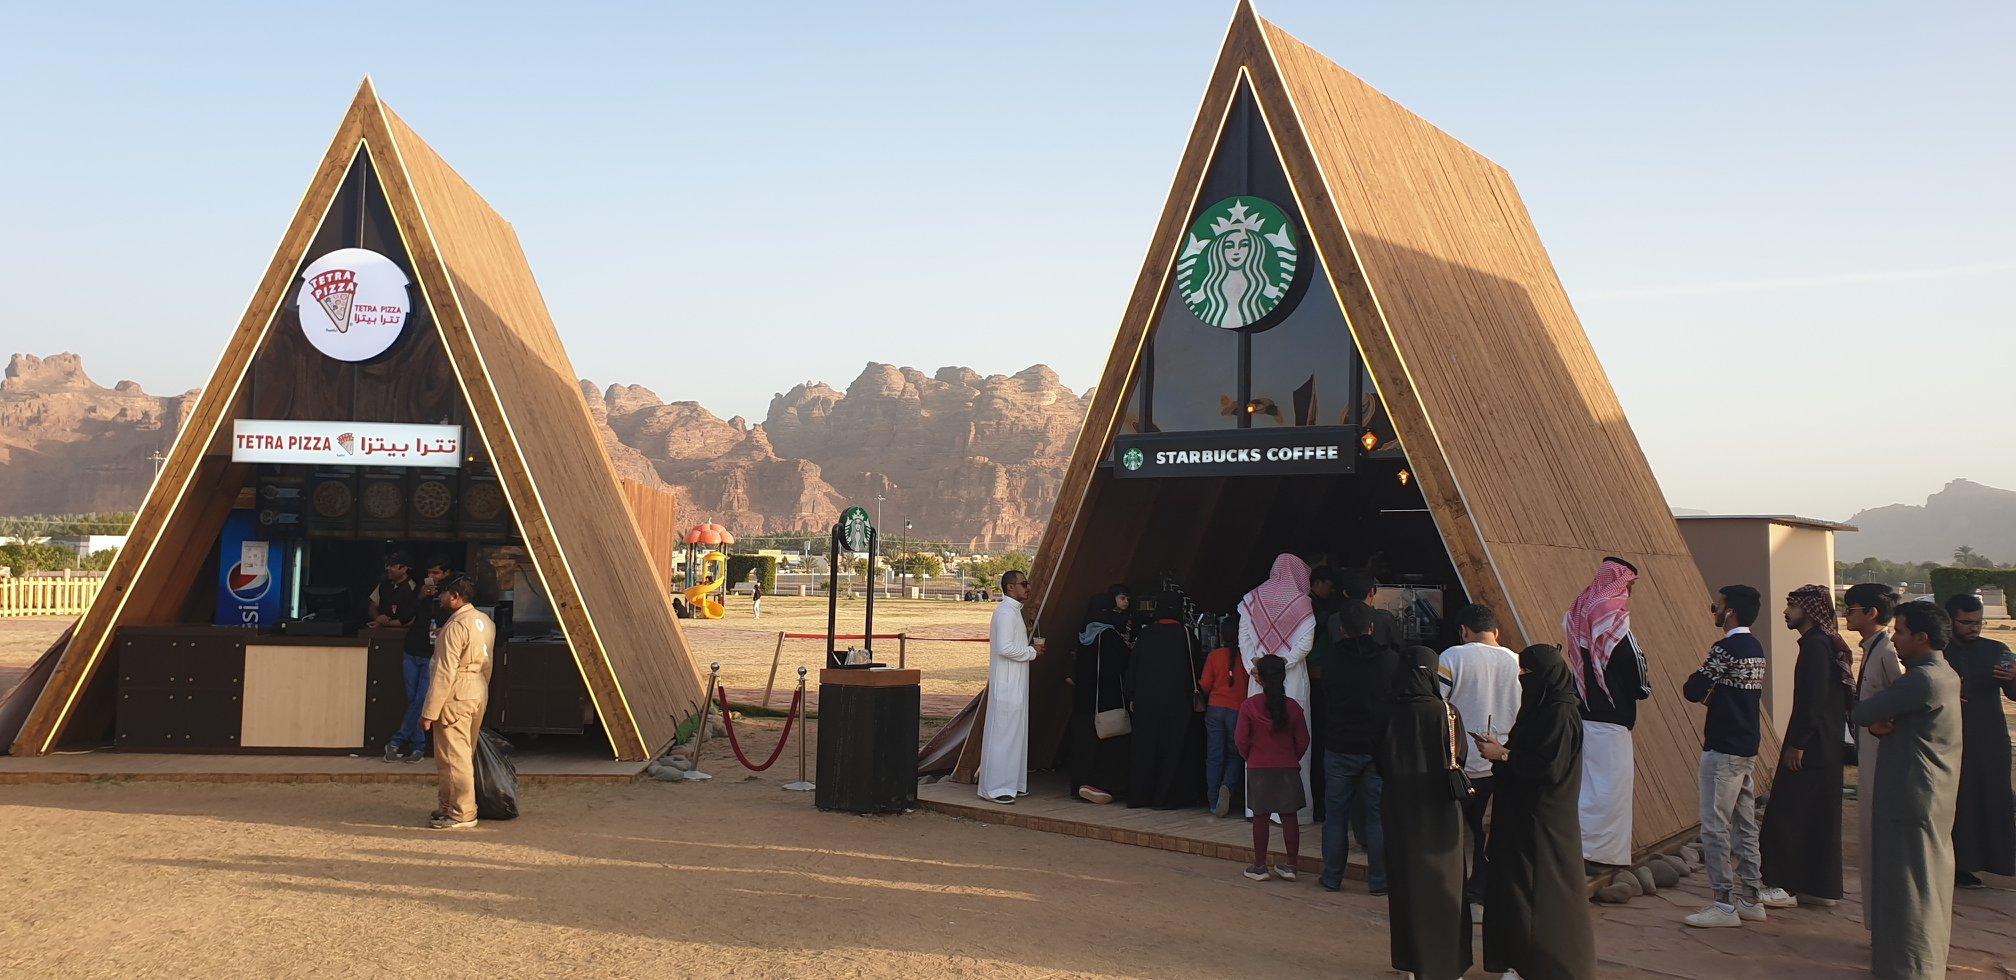 Zápisky z cest: Saúdská Arábie stylově - 1. díl